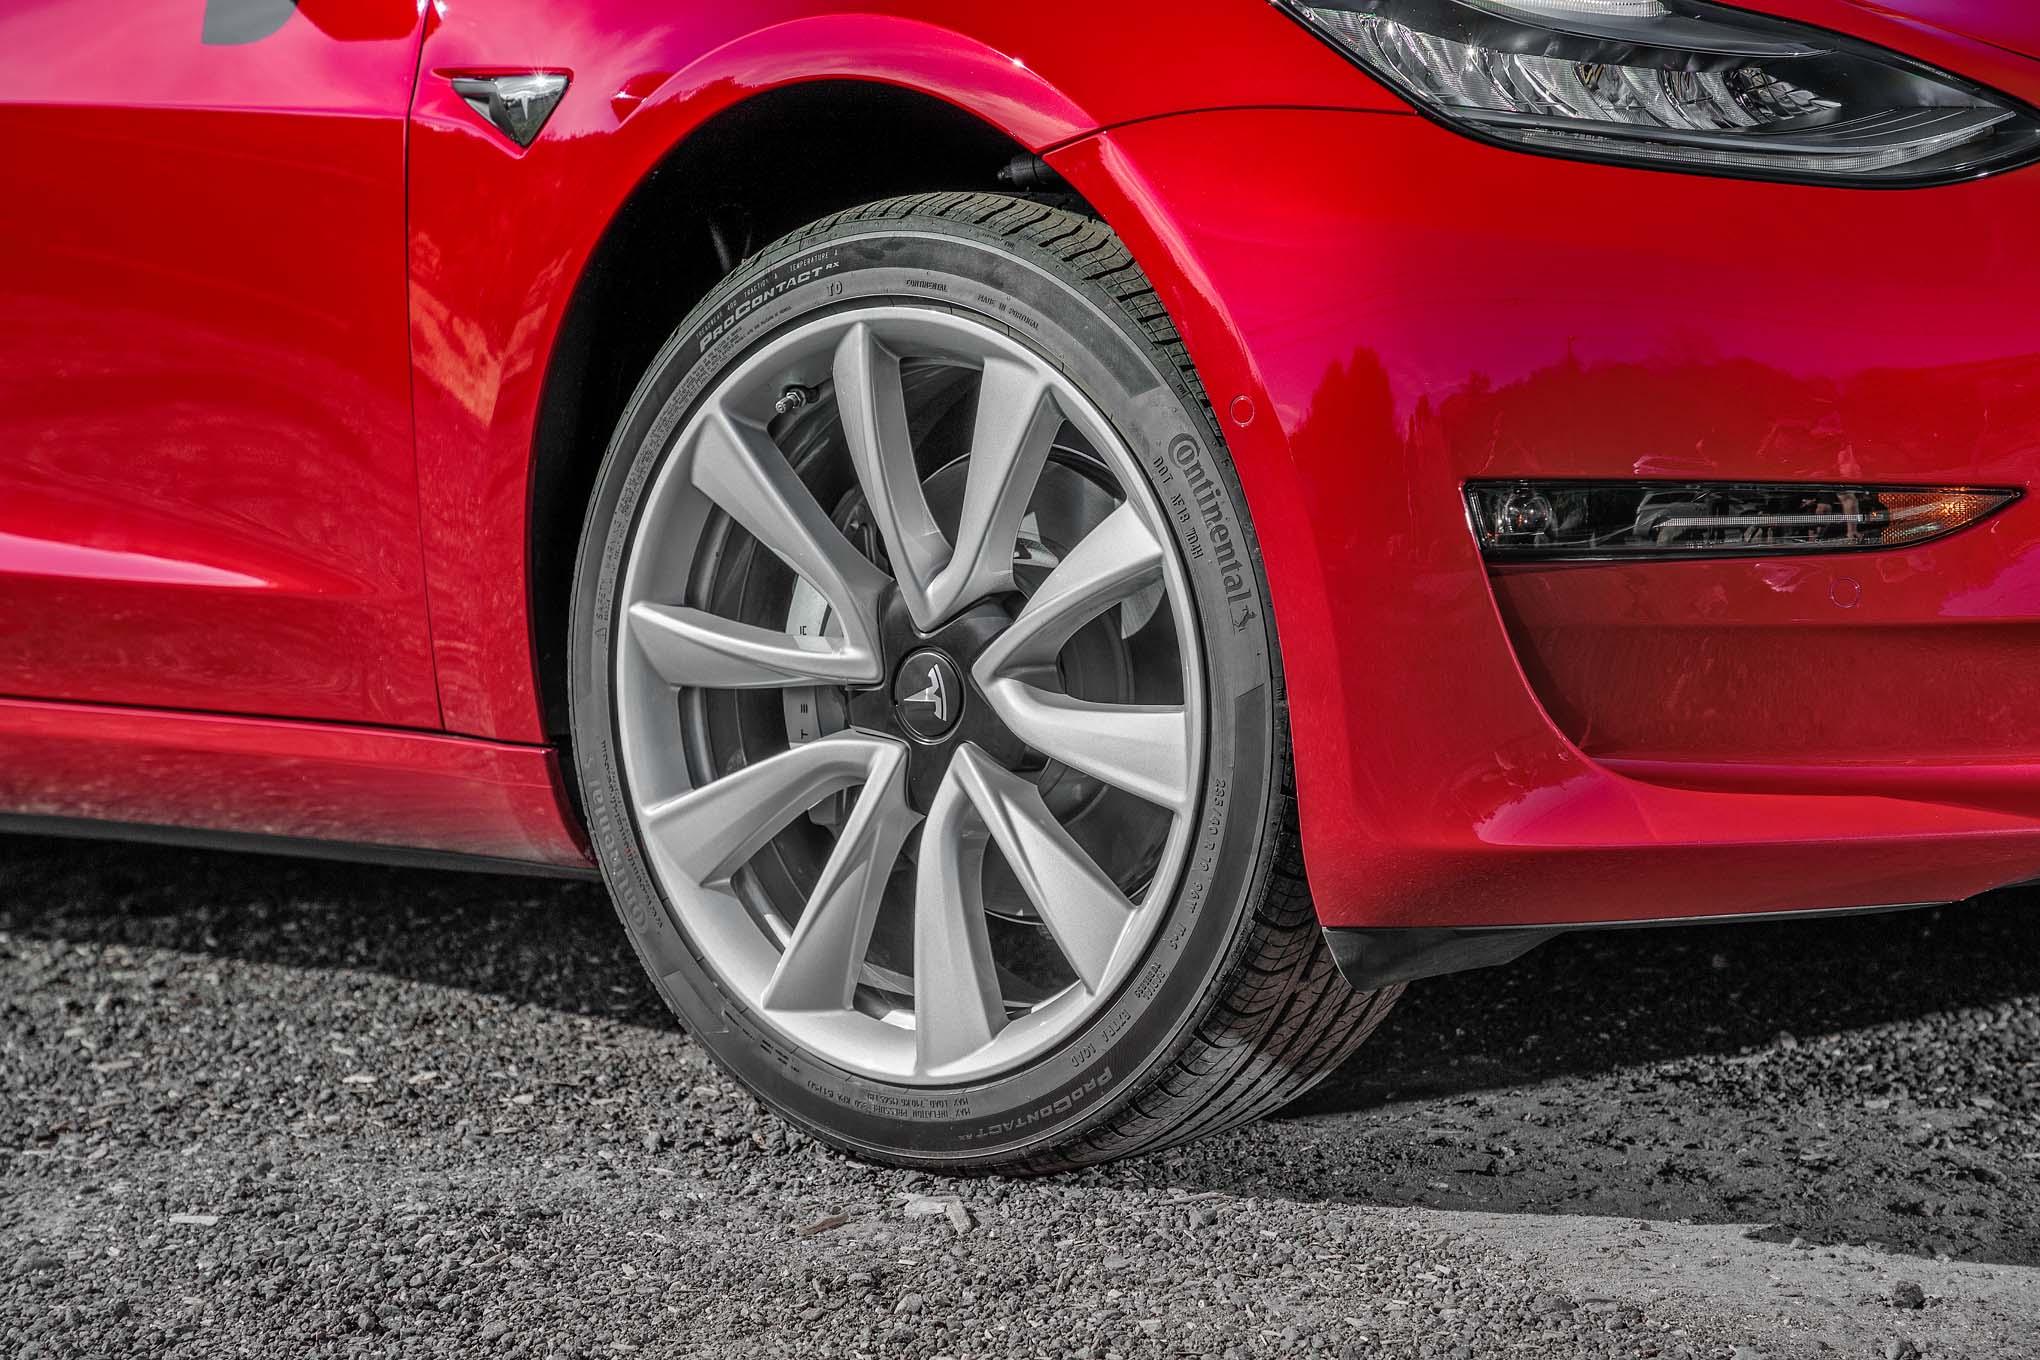 Tesla model 3 wheels motor trend en espa ol for Motor trend model 3